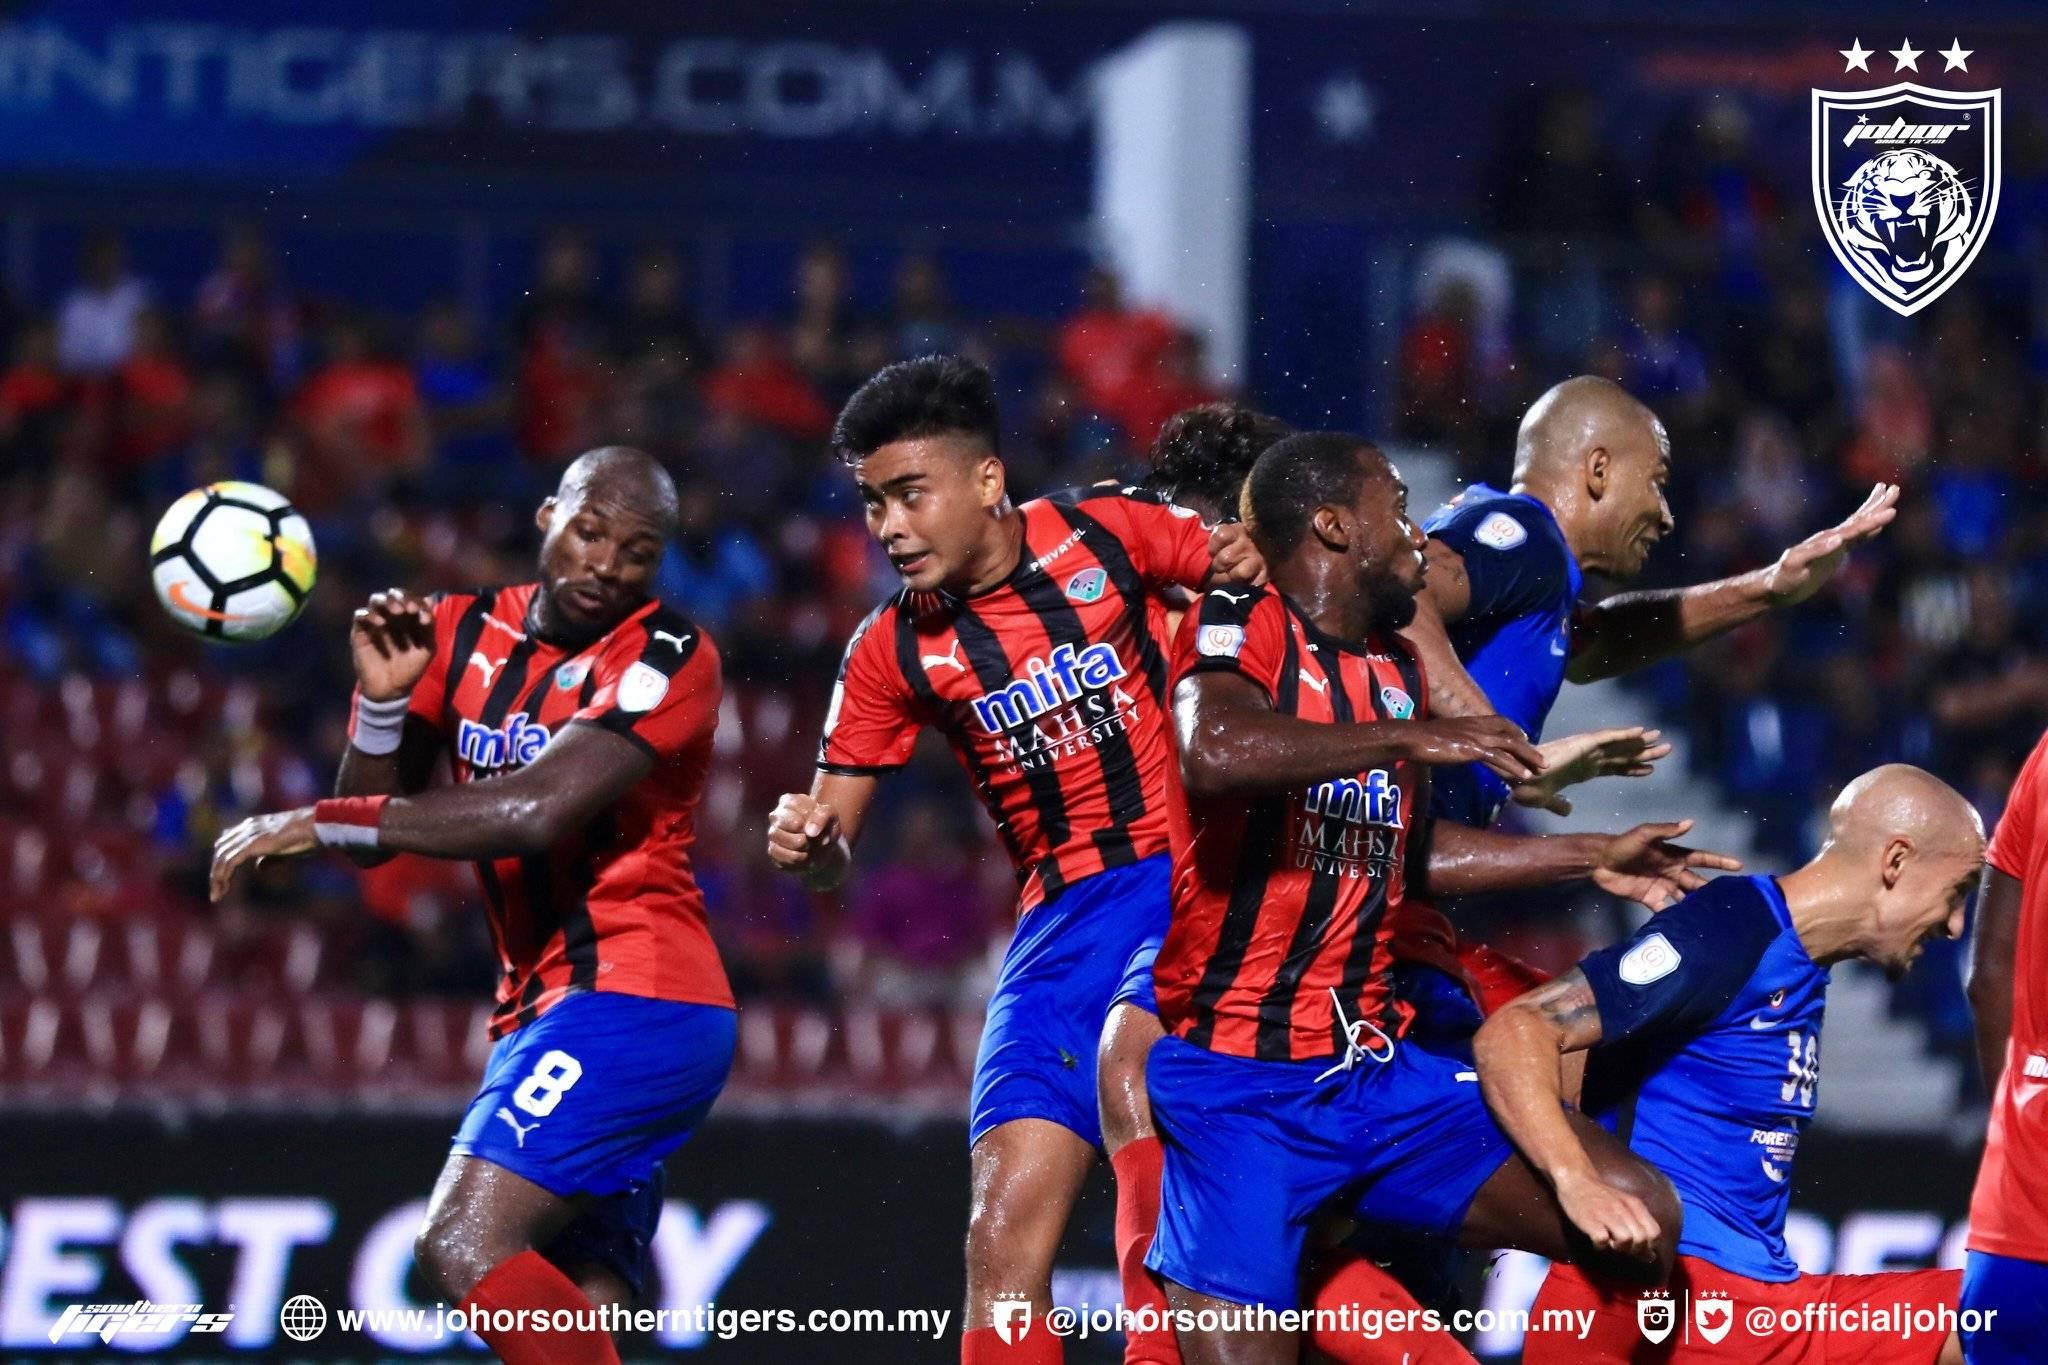 Rangkuman Hasil Terbaru 4 Liga Asia Tenggara